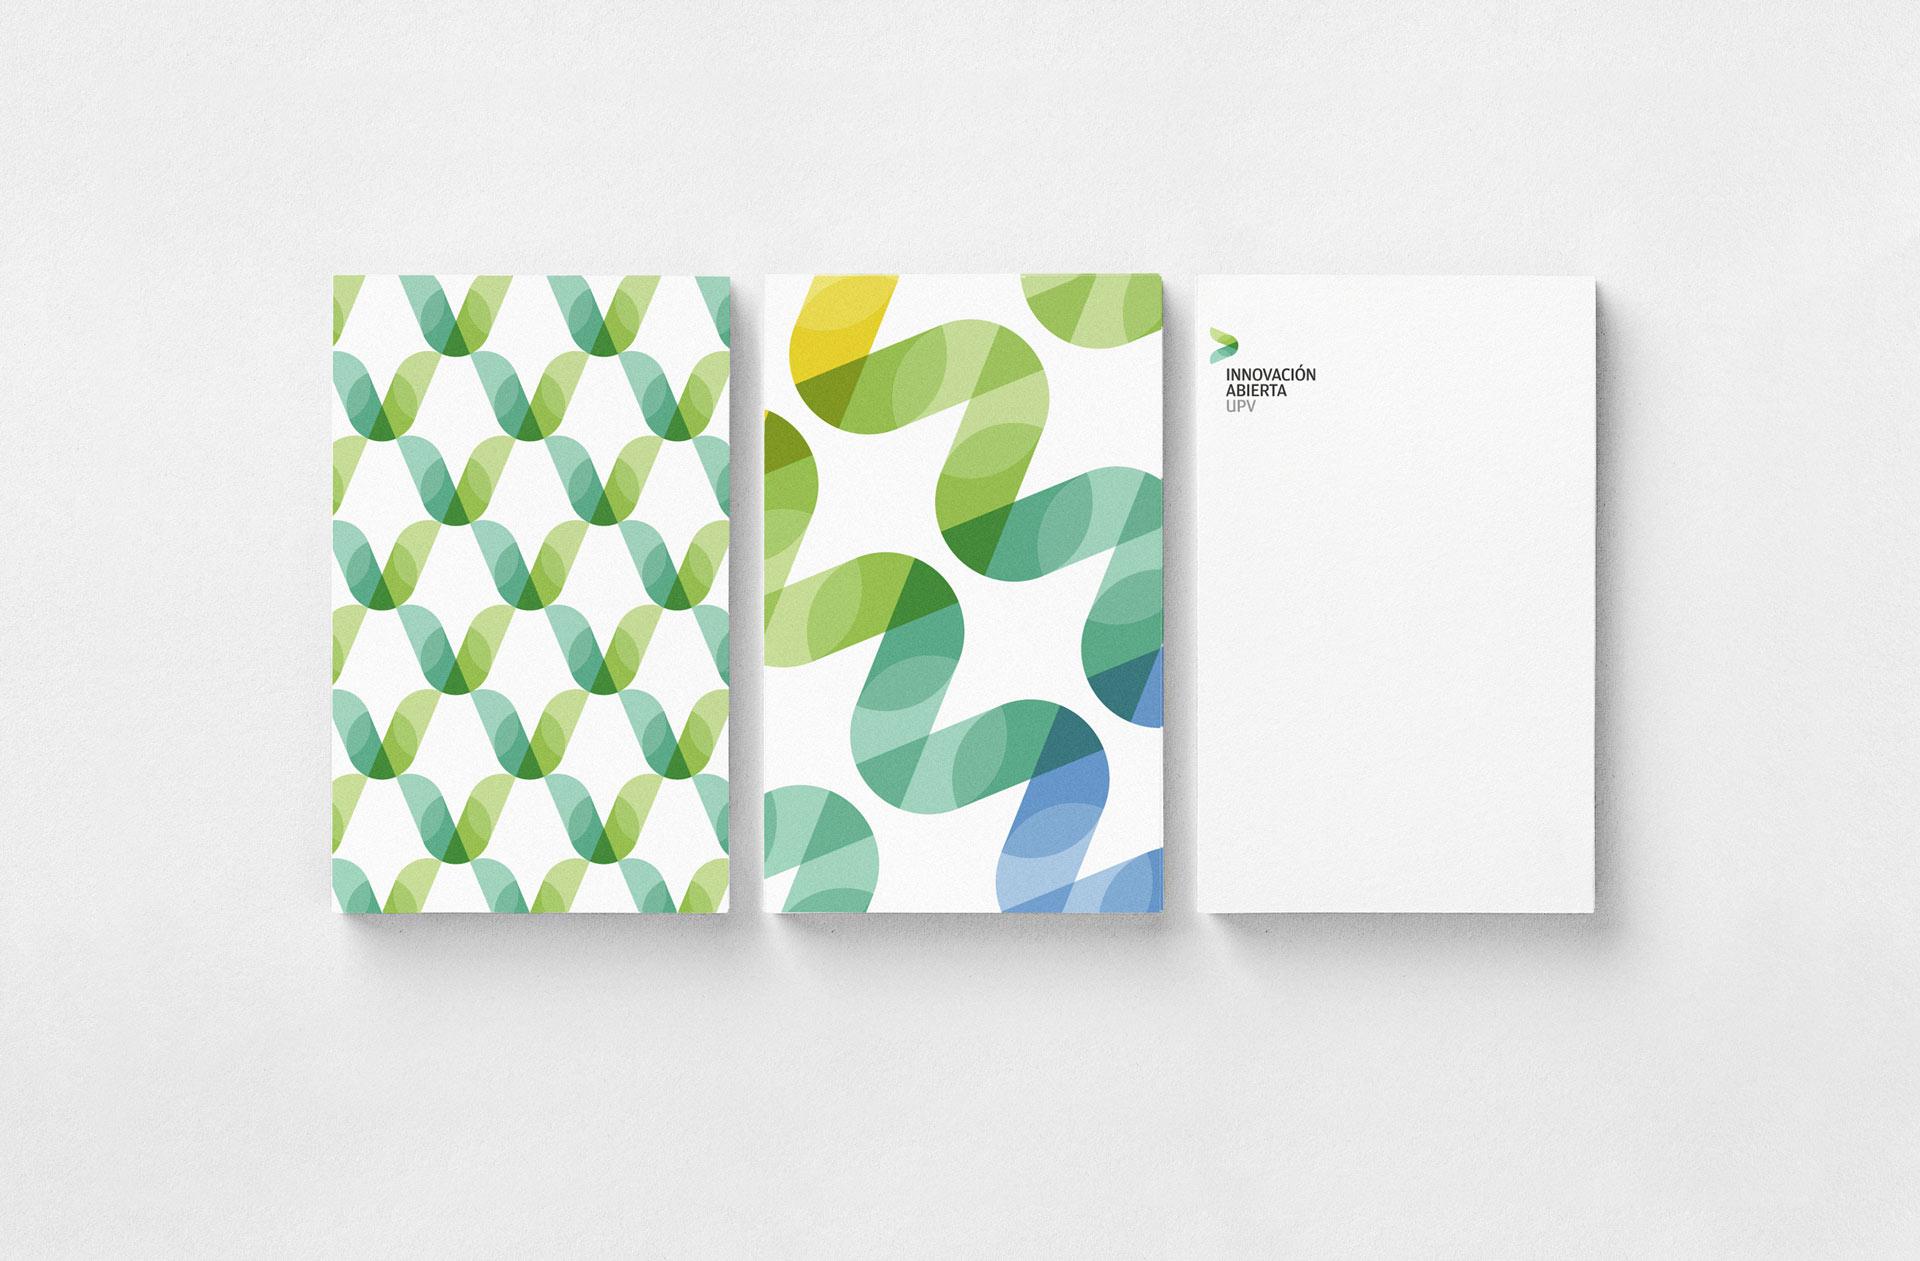 Fase, estudio de diseño gráfico. Identidad corporativa de Innovación Abierta, Universitat Politècnica de València. Saludas